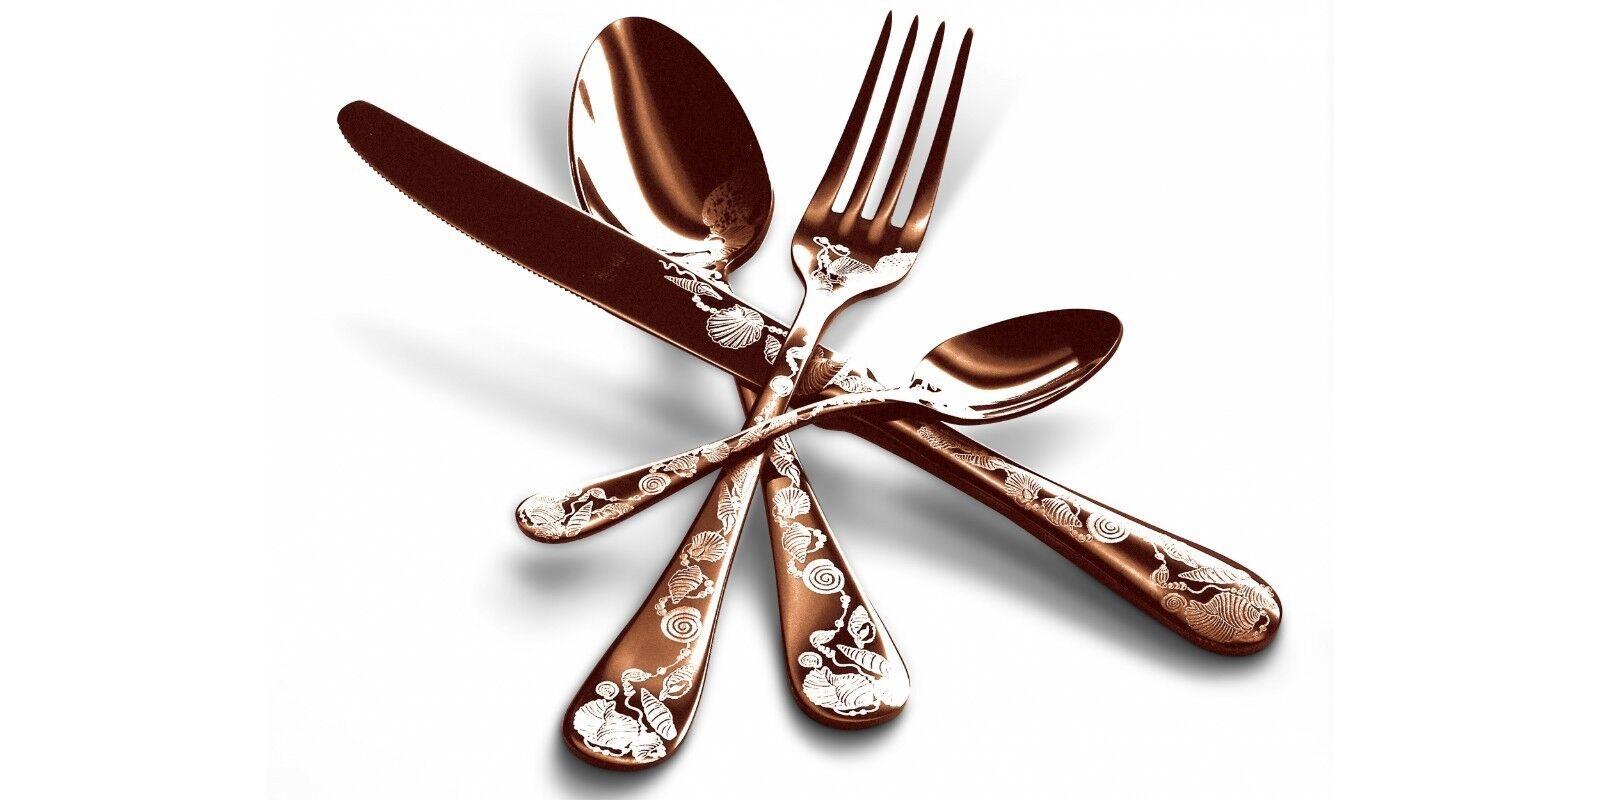 Mepra Pièces - Place Table 4 Pièces Mepra Couverts Article Venere Bronze Thè Luxury d1b7e8